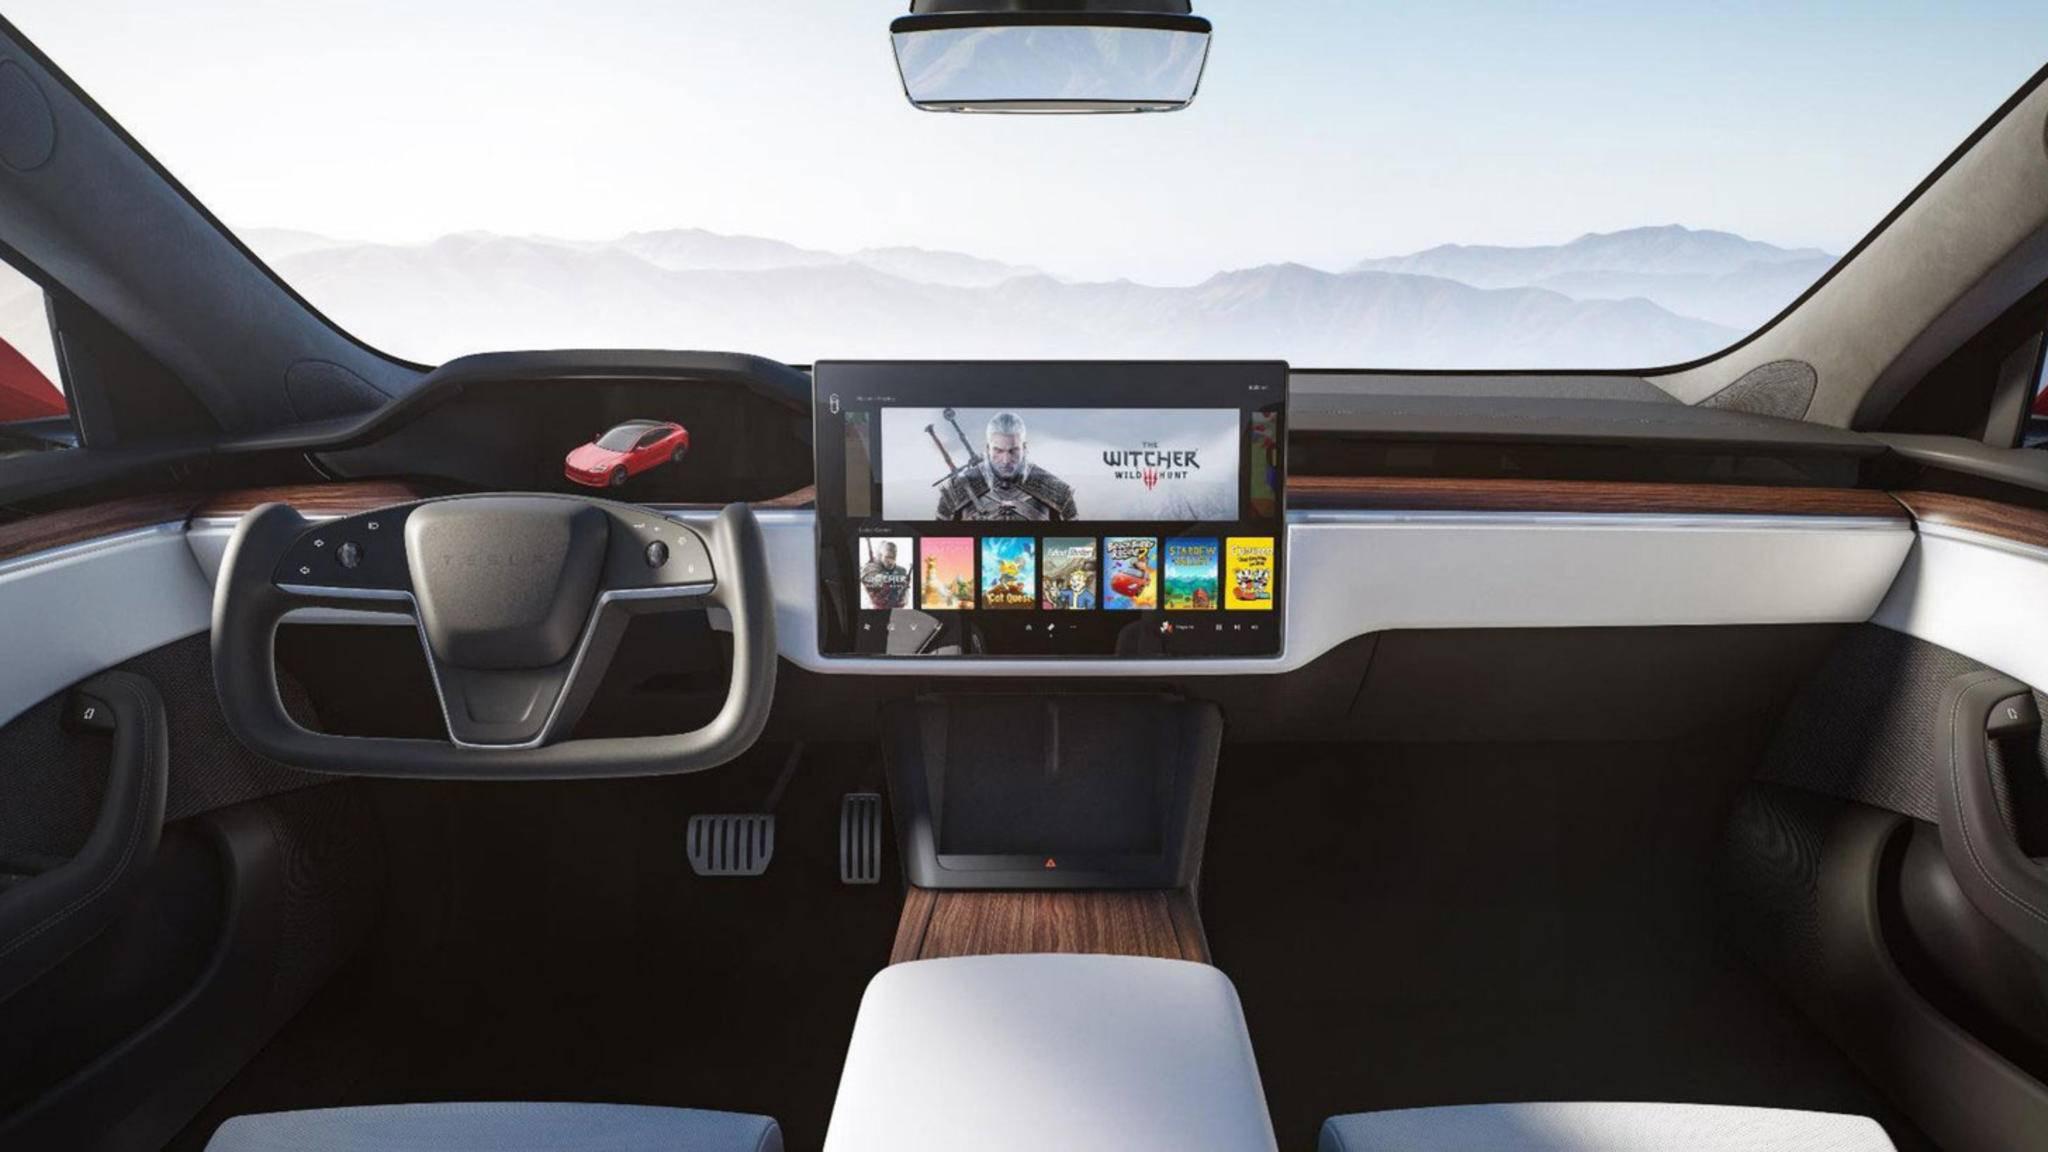 """Riesiger Screen, starke Leistung: Im neuen Tesla Model S kannst Du bequem """"Witcher 3"""" zocken."""